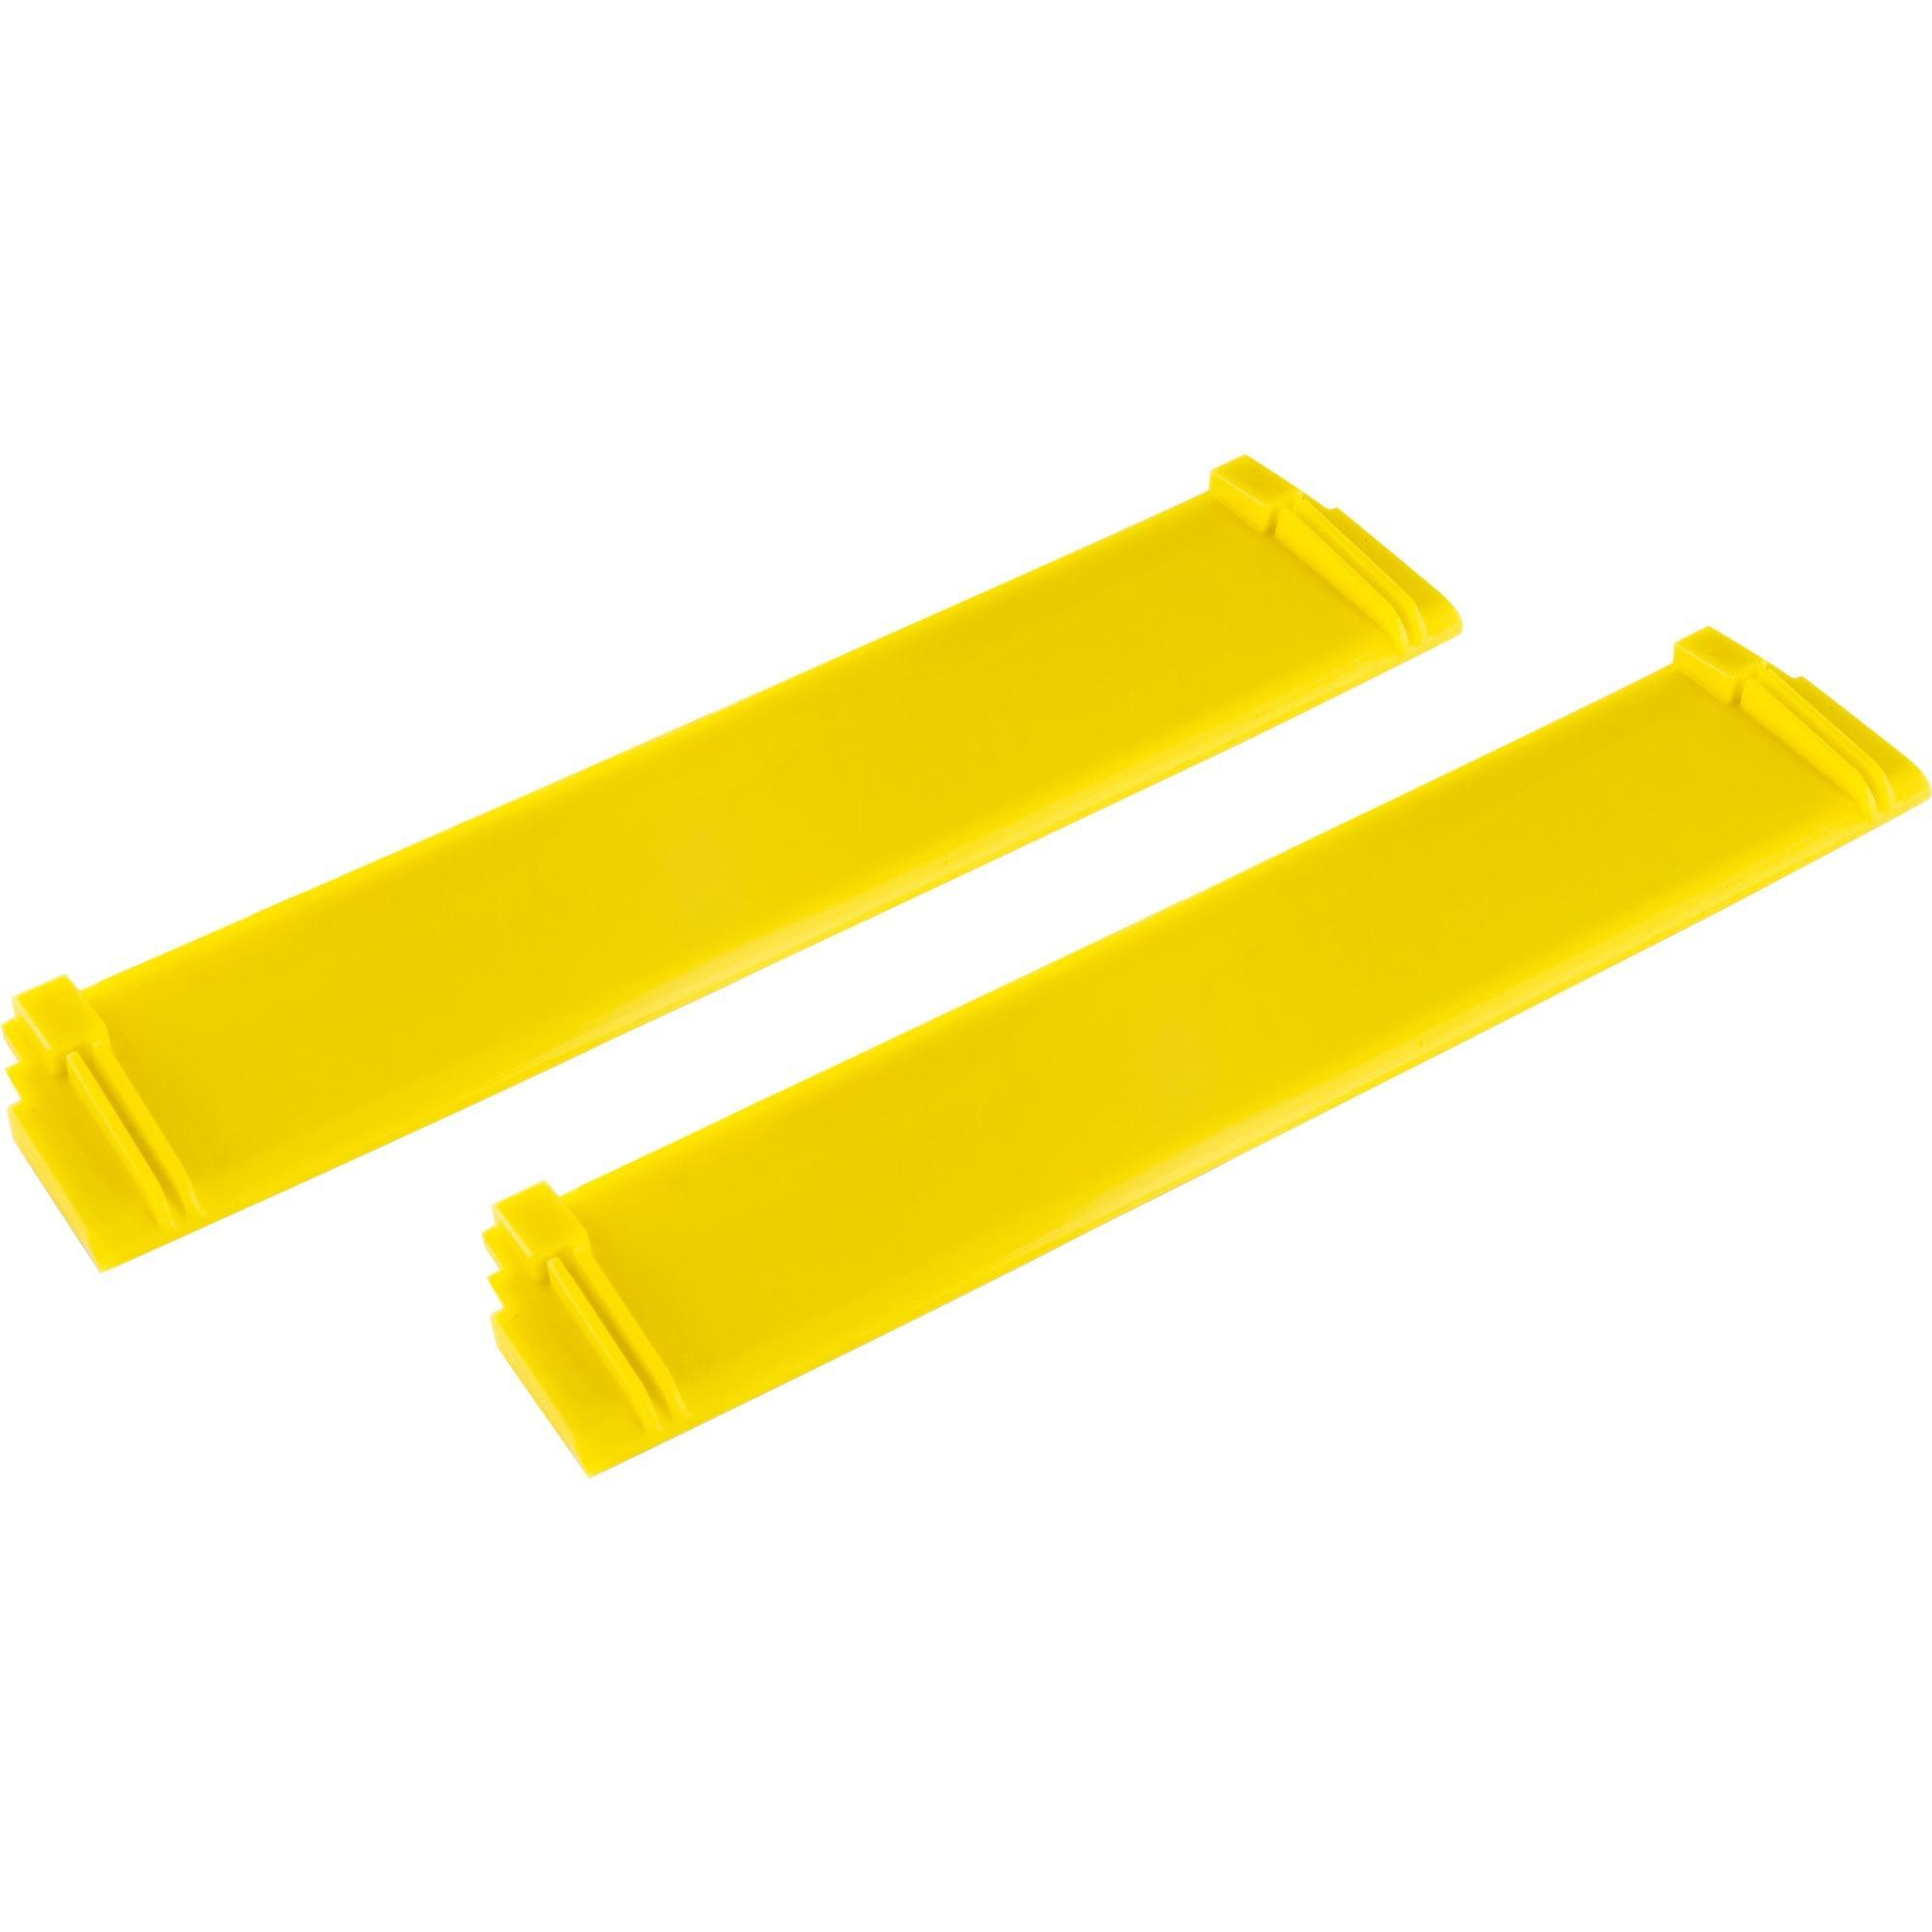 2.633-513.0 accesorio para limpiacristales eléctrico Cuchilla de limpieza, Tirador